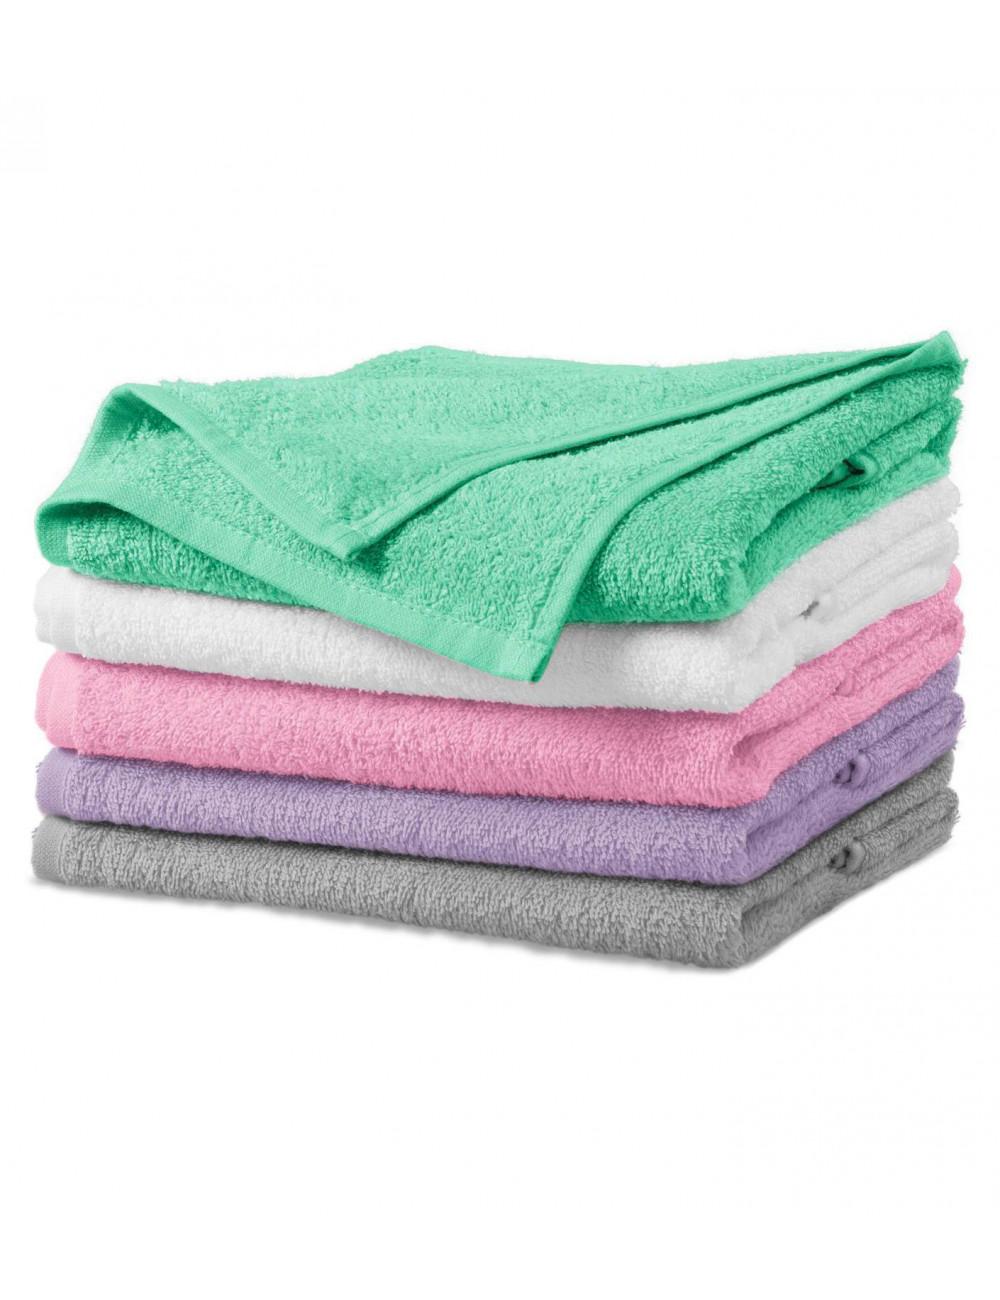 Adler MALFINI Ręcznik unisex Terry Towel 908 miętowy